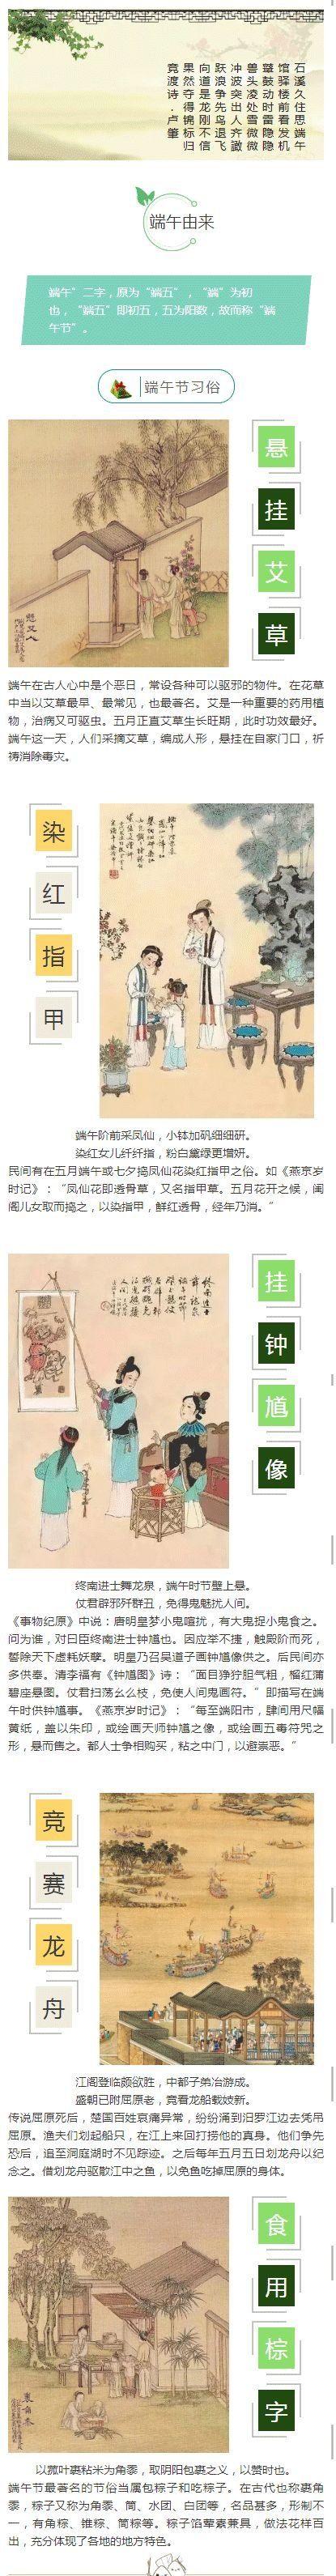 上海古玩鉴定交易中心祝您:端午节安康!